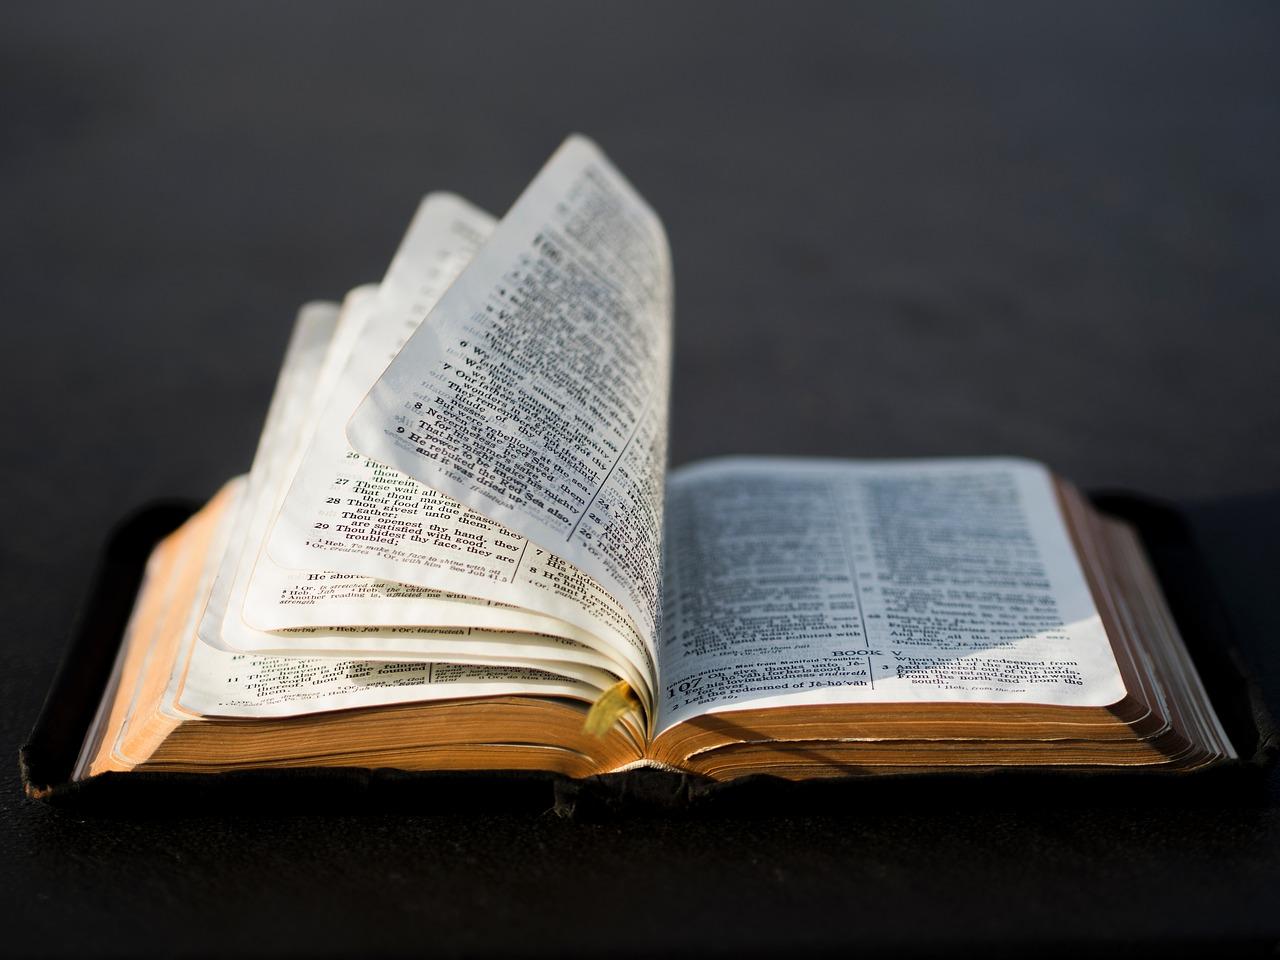 Përvoja apo Shkrimi – Kush është standarti yt?